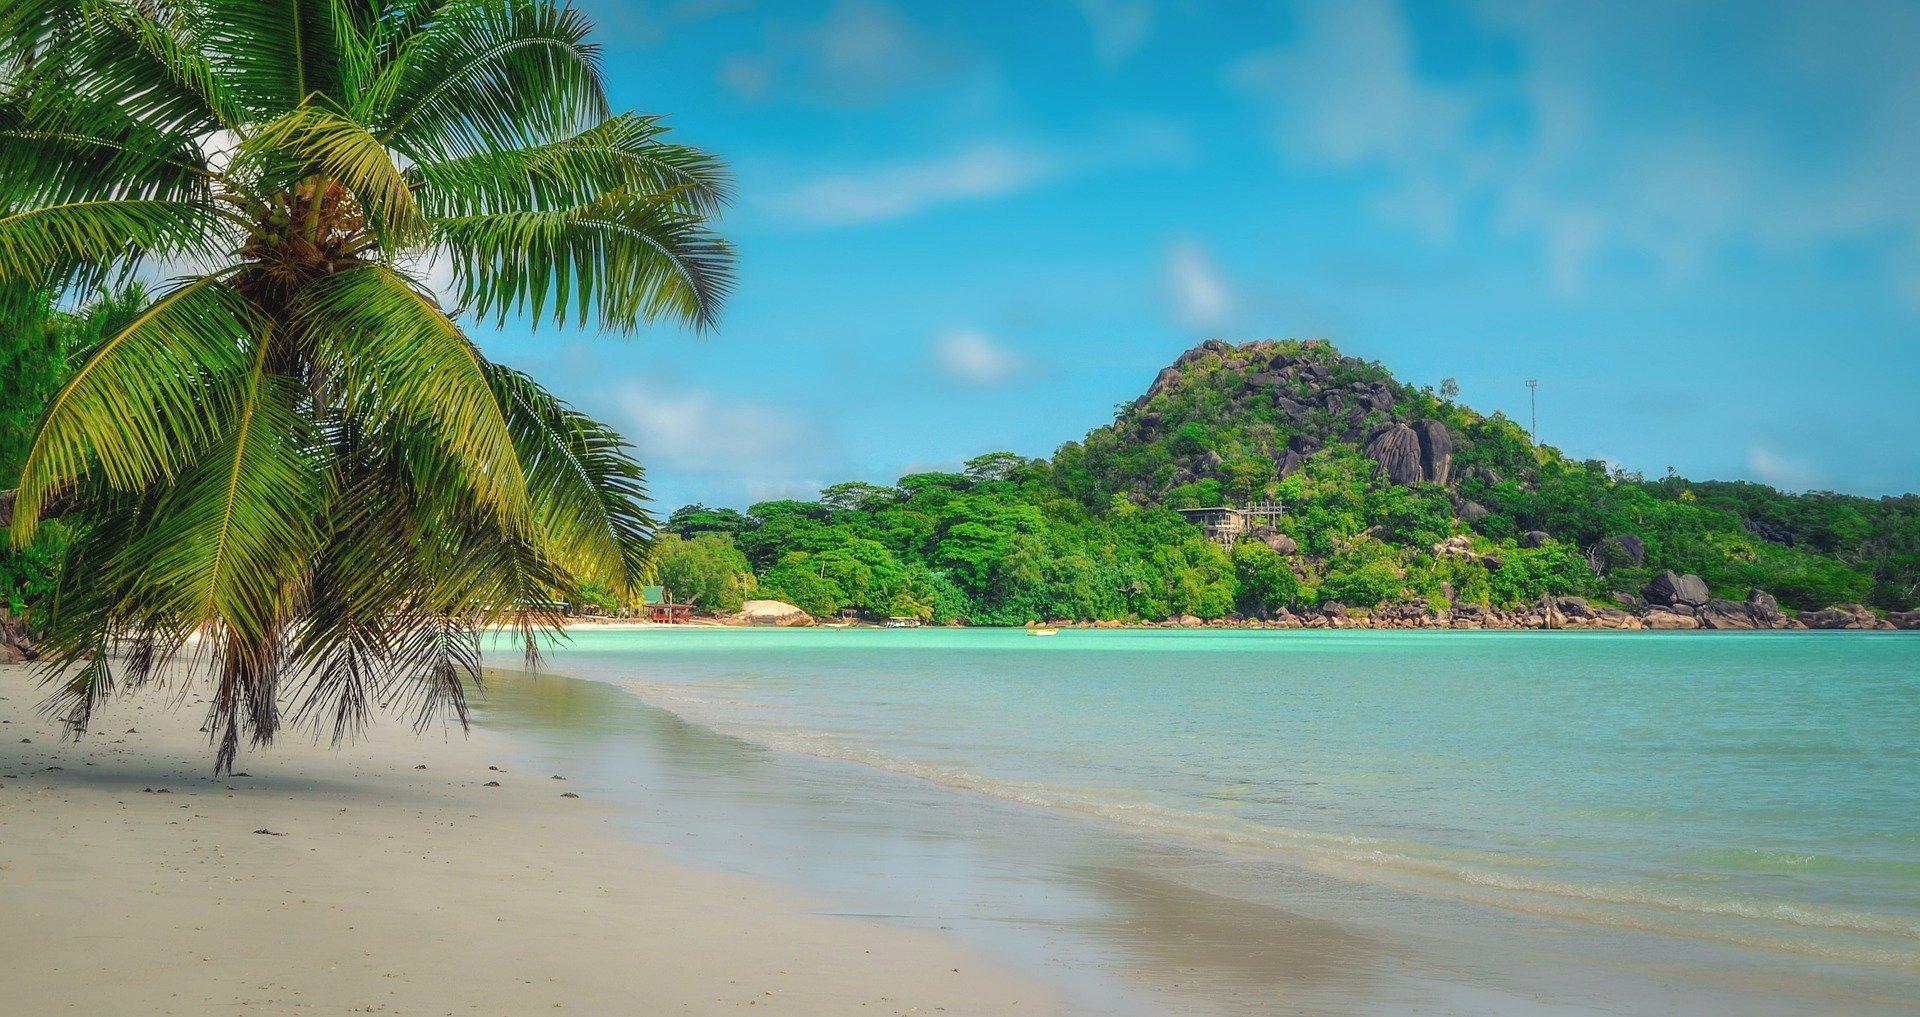 Strand, Palme, Insel, Hellblaues Wasser - Entdecke dein Urlaubsfeeling mit BAVOU